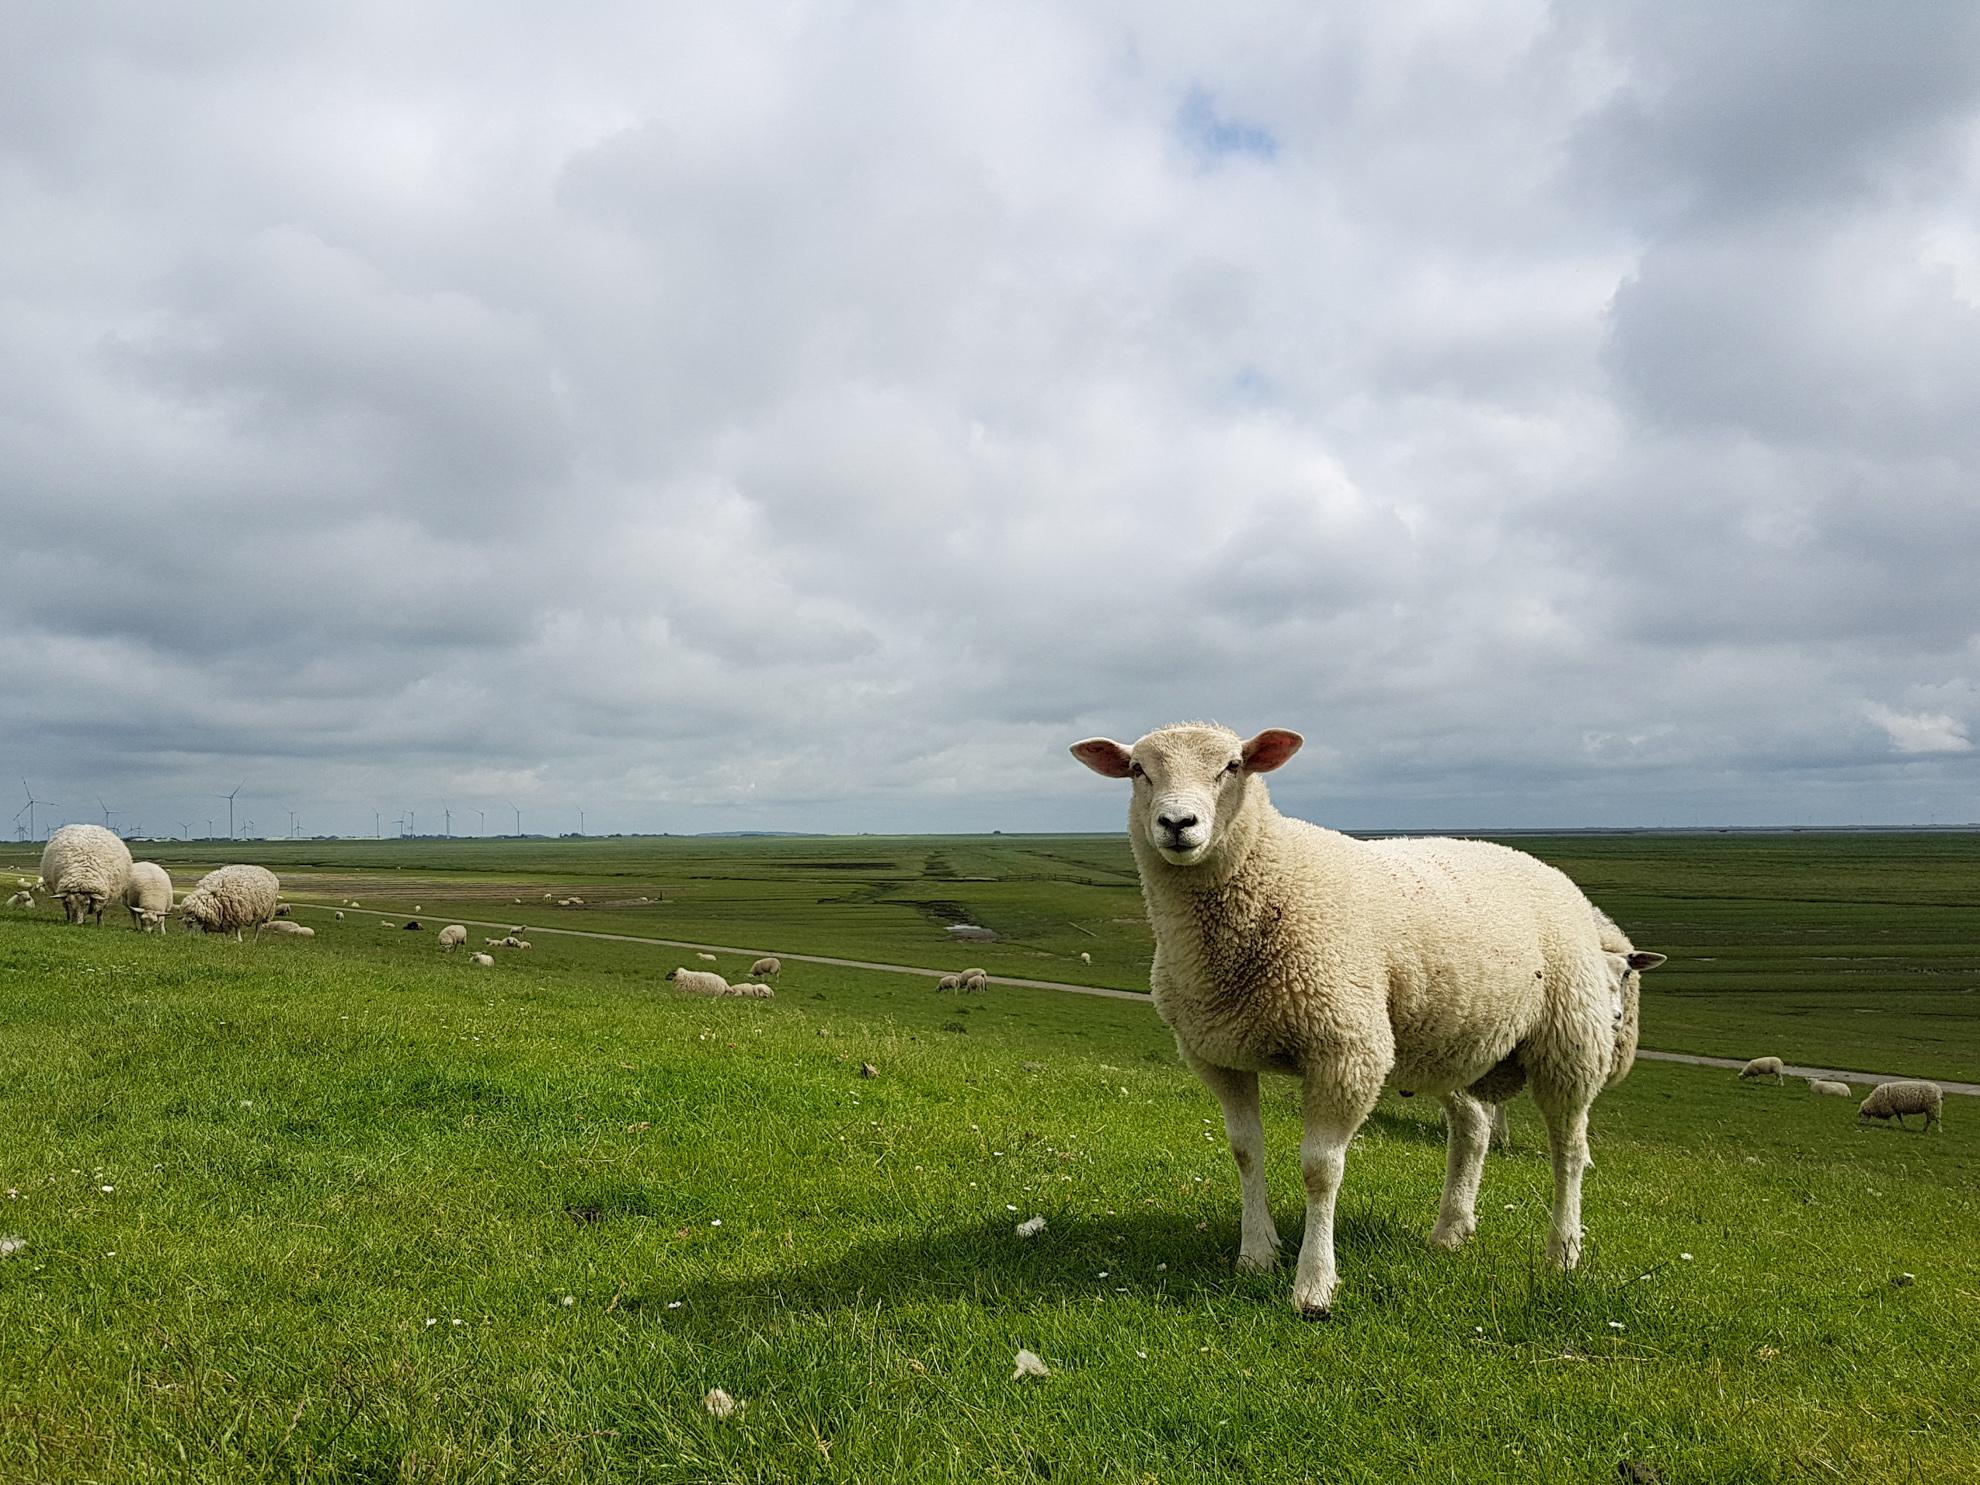 Schaf in Nordfriesland